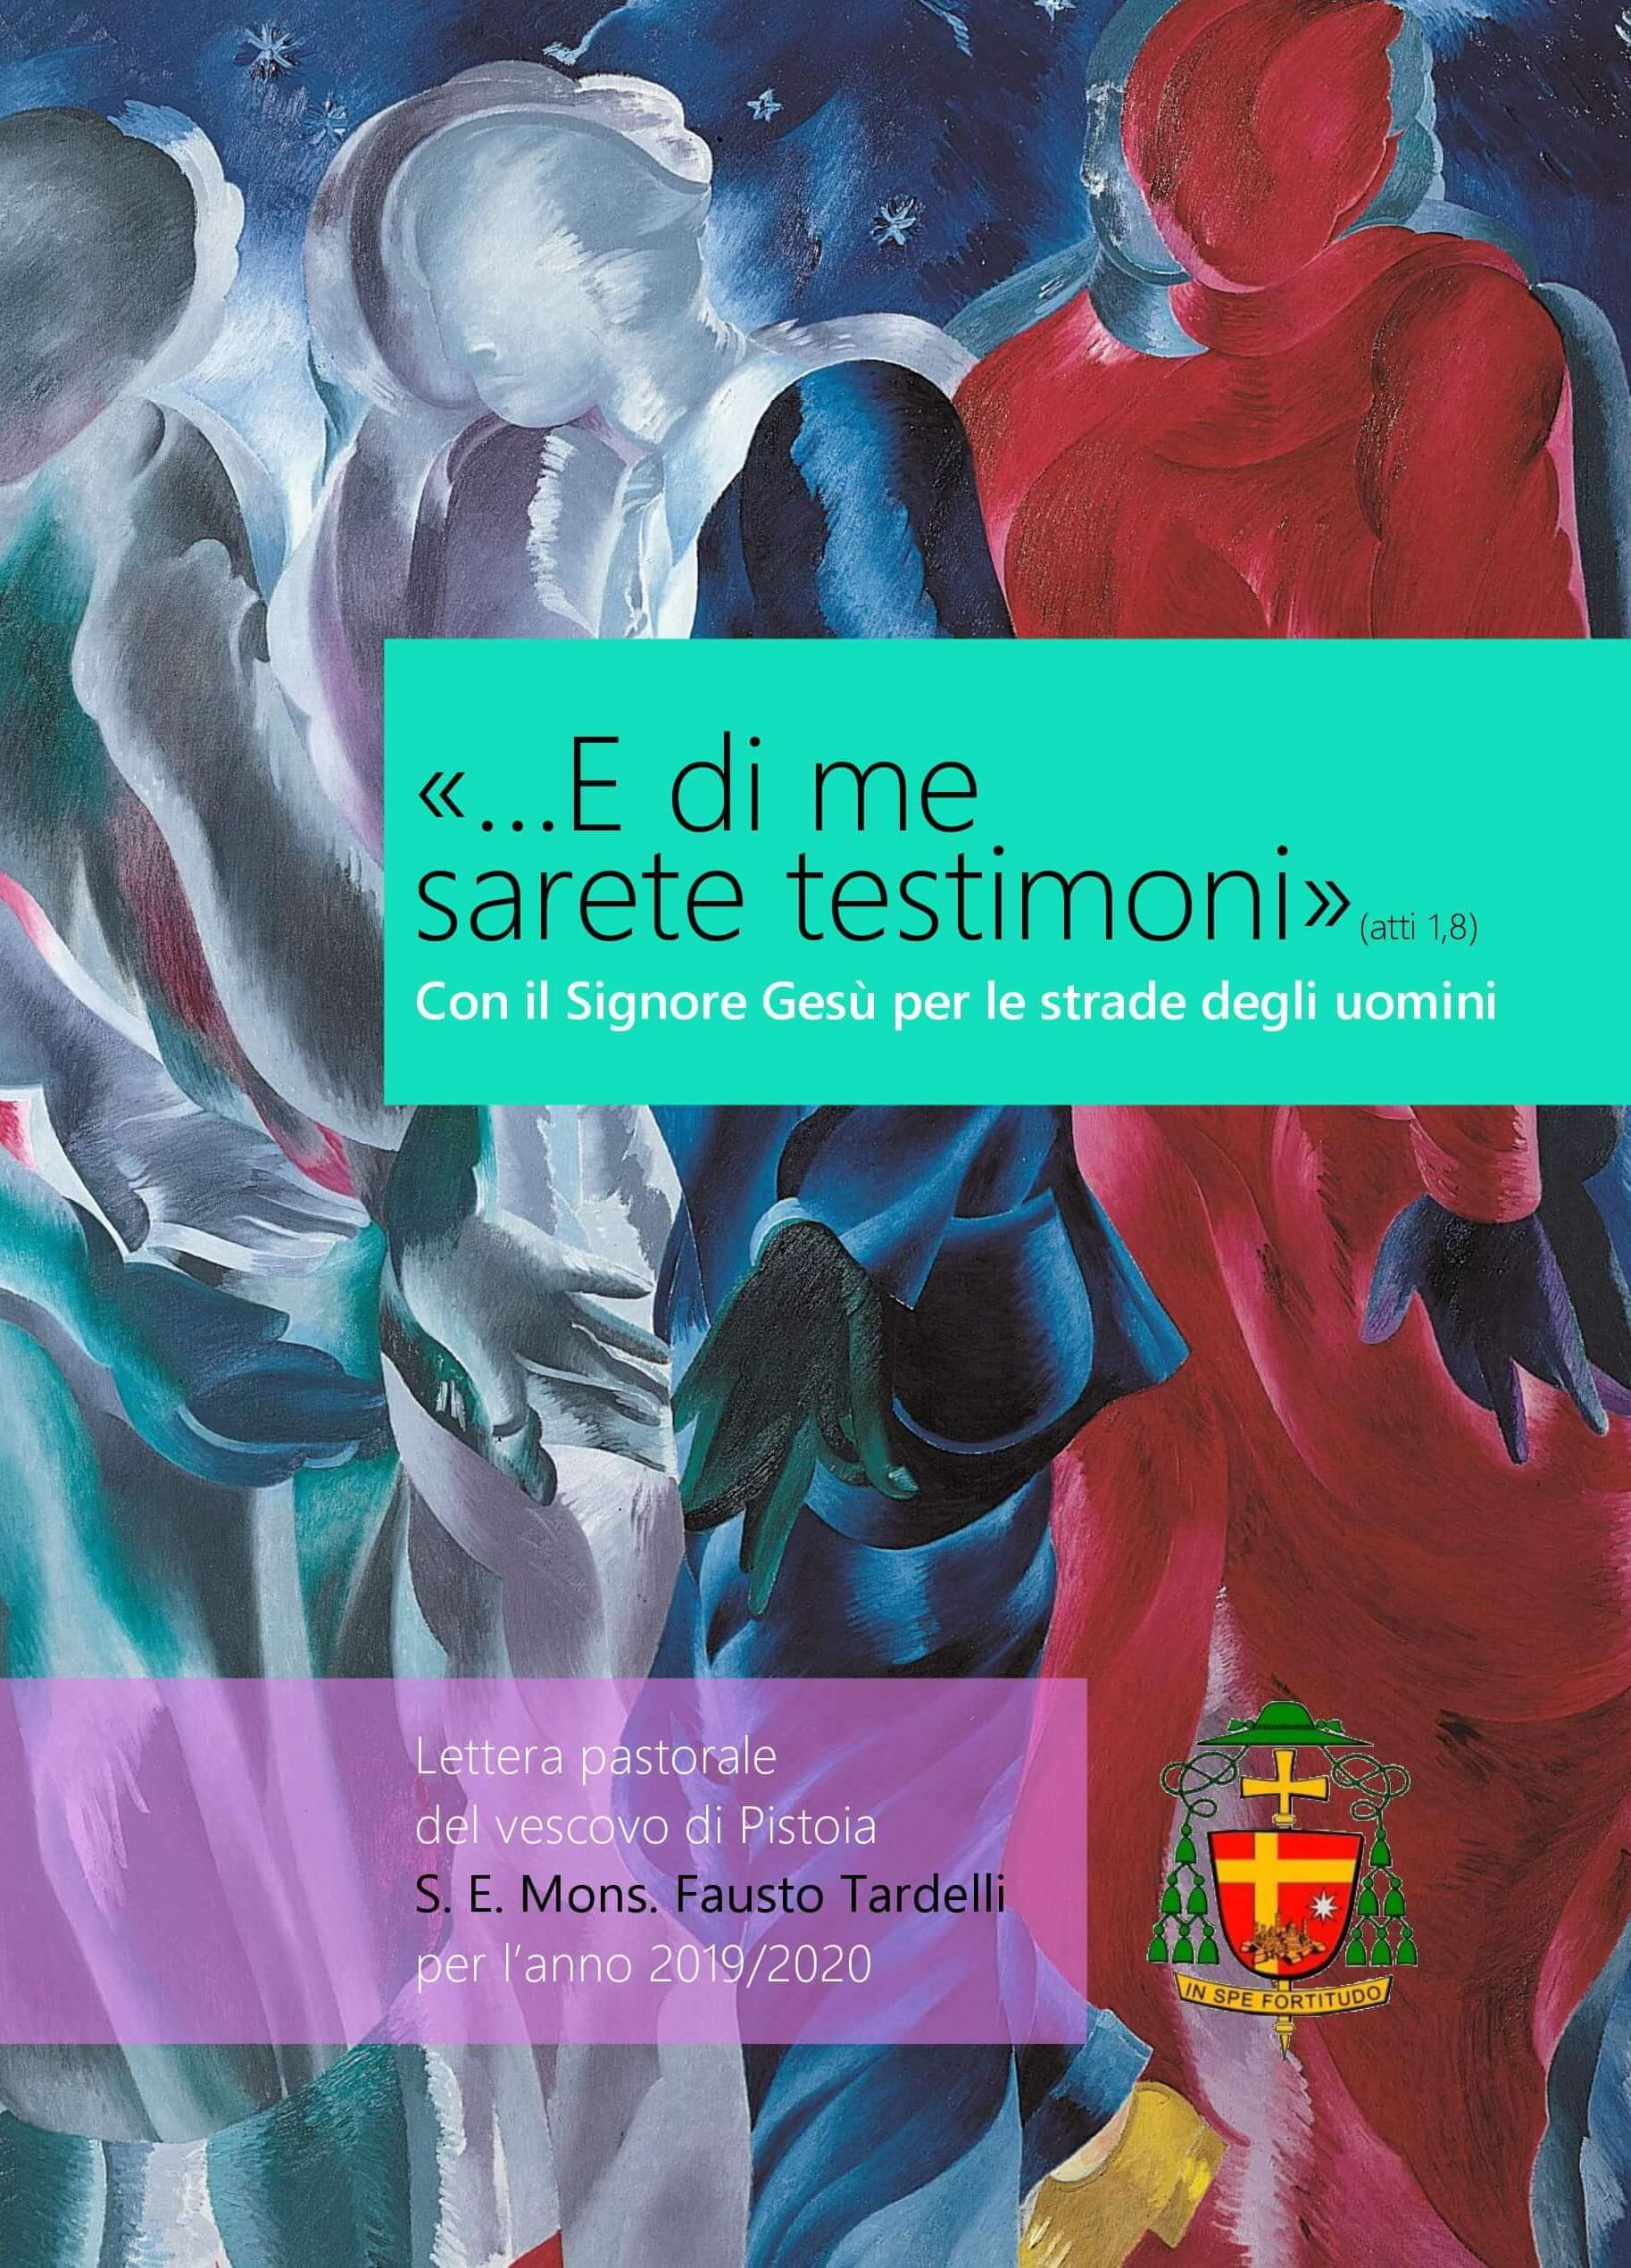 Calendario Pastorale 2020.Ufficio Catechistico Diocesi Pistoia